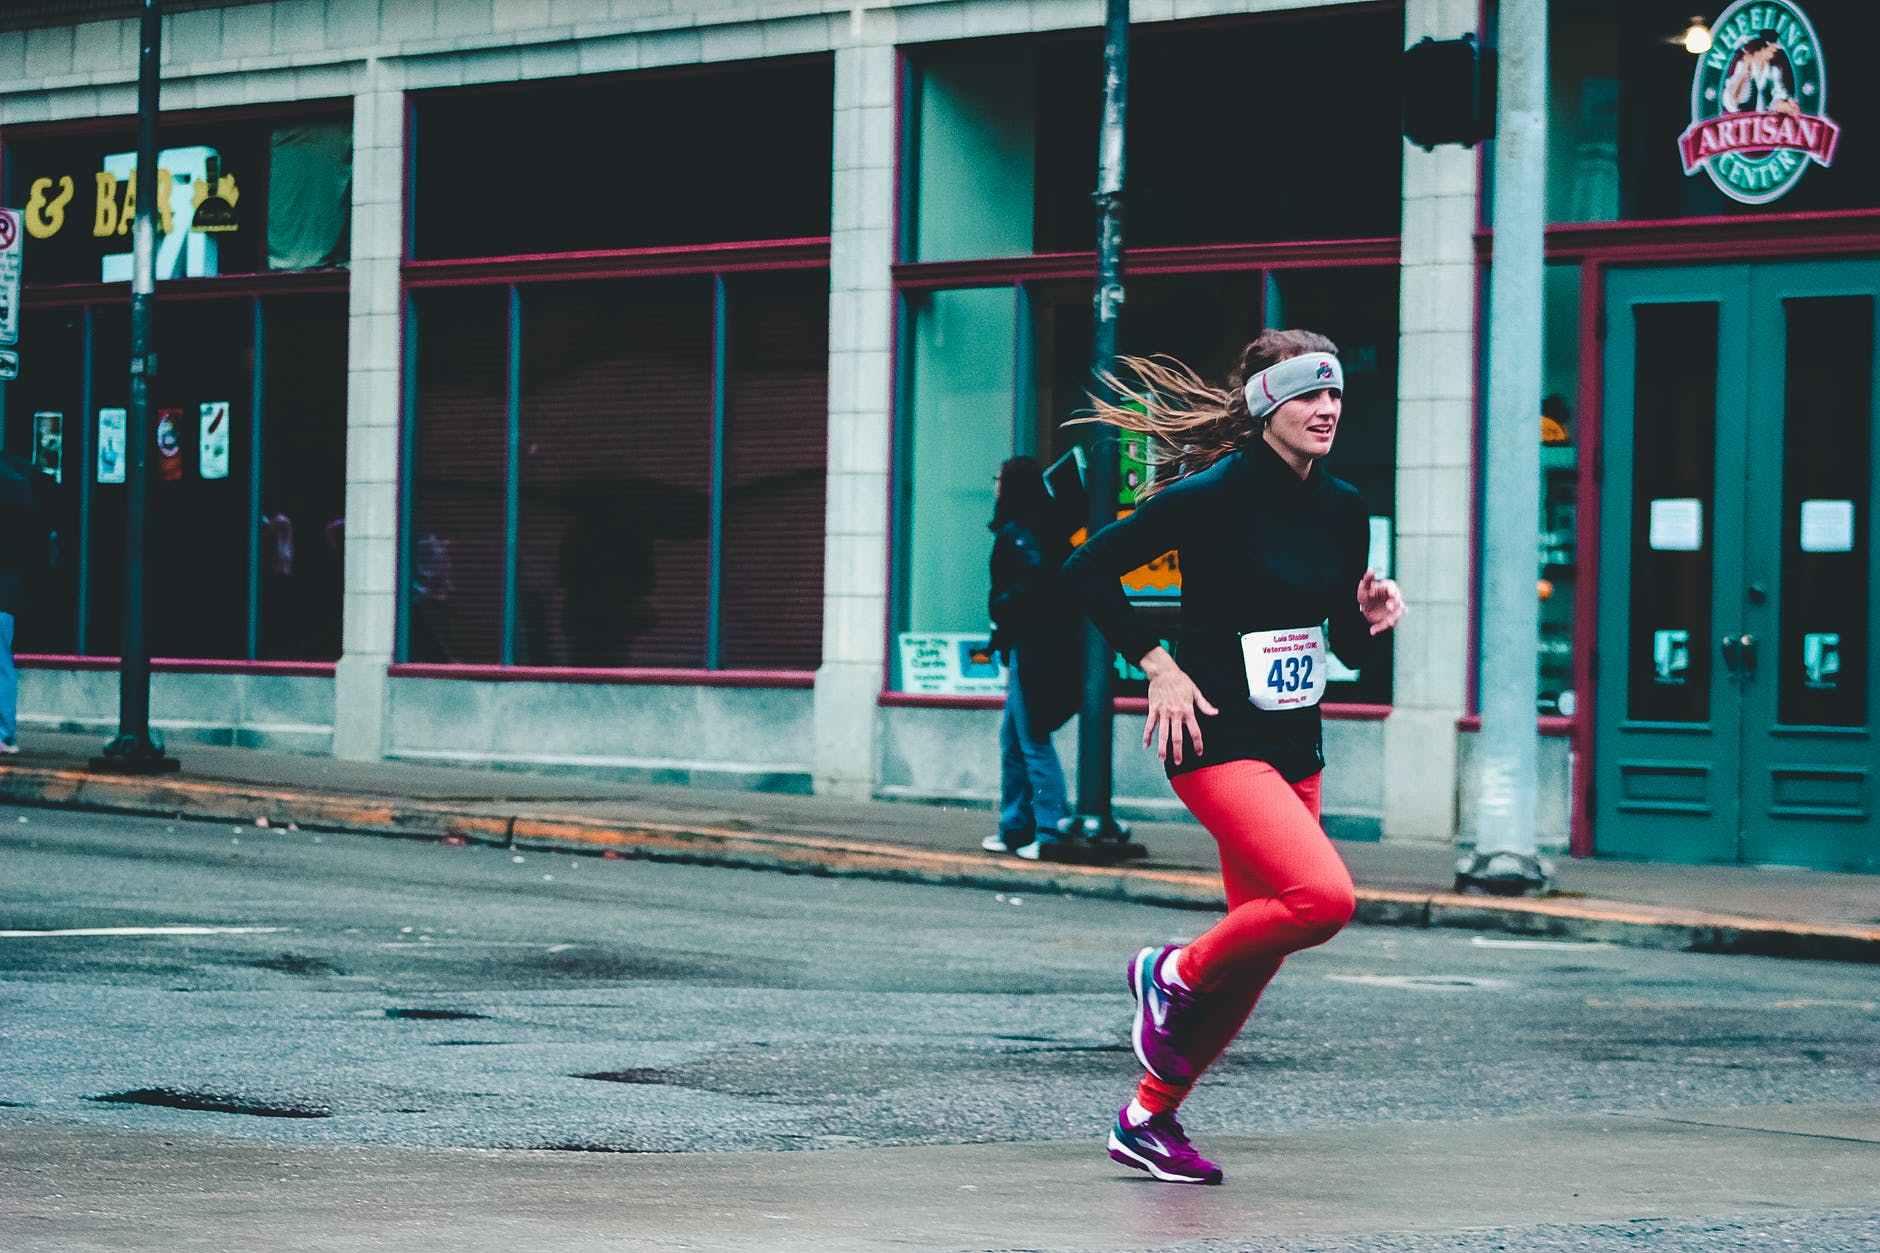 一周慢跑四五次、每次七八公里,居然没瘦,3招破困局! 增肌食谱 第1张